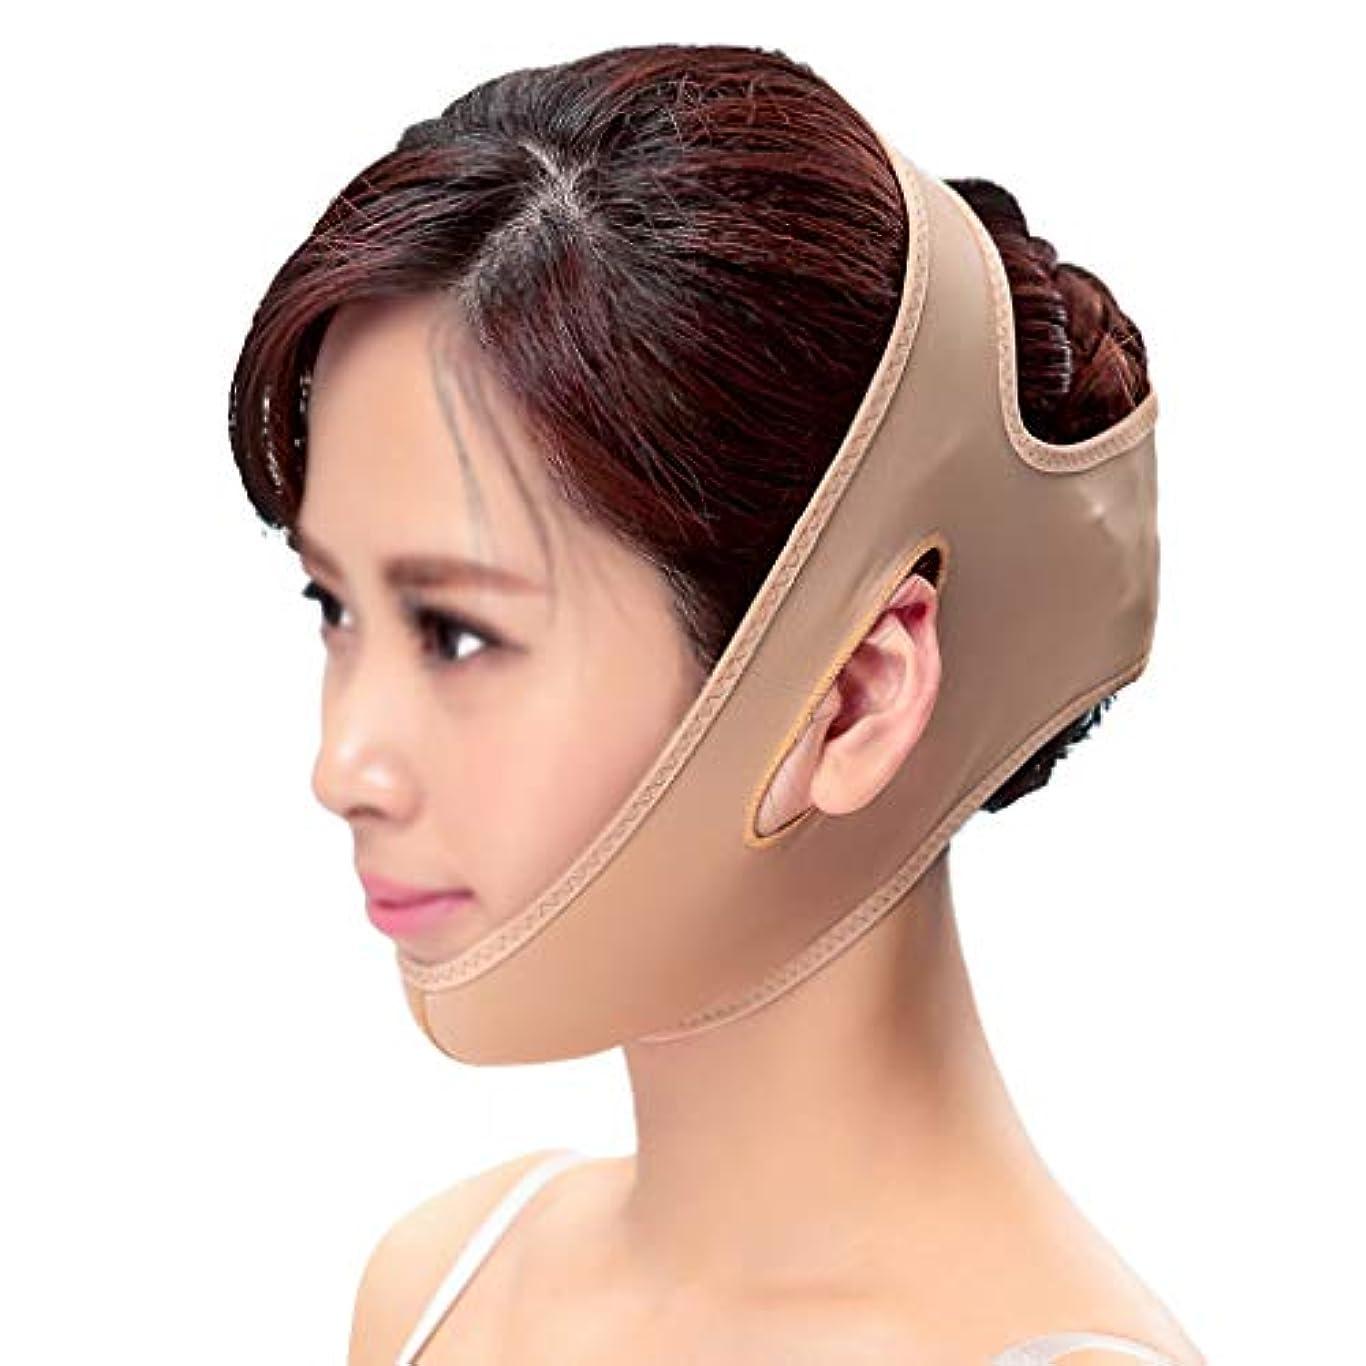 ジュニア圧力音楽GLJJQMY 減量ベルトマスクフェイスマスク型フェイスリフティングアーチファクトマッスルマッスルダブルチン皮膚移植瘢痕過形成Vライン付き弾性スリーブ 顔用整形マスク (Size : L)